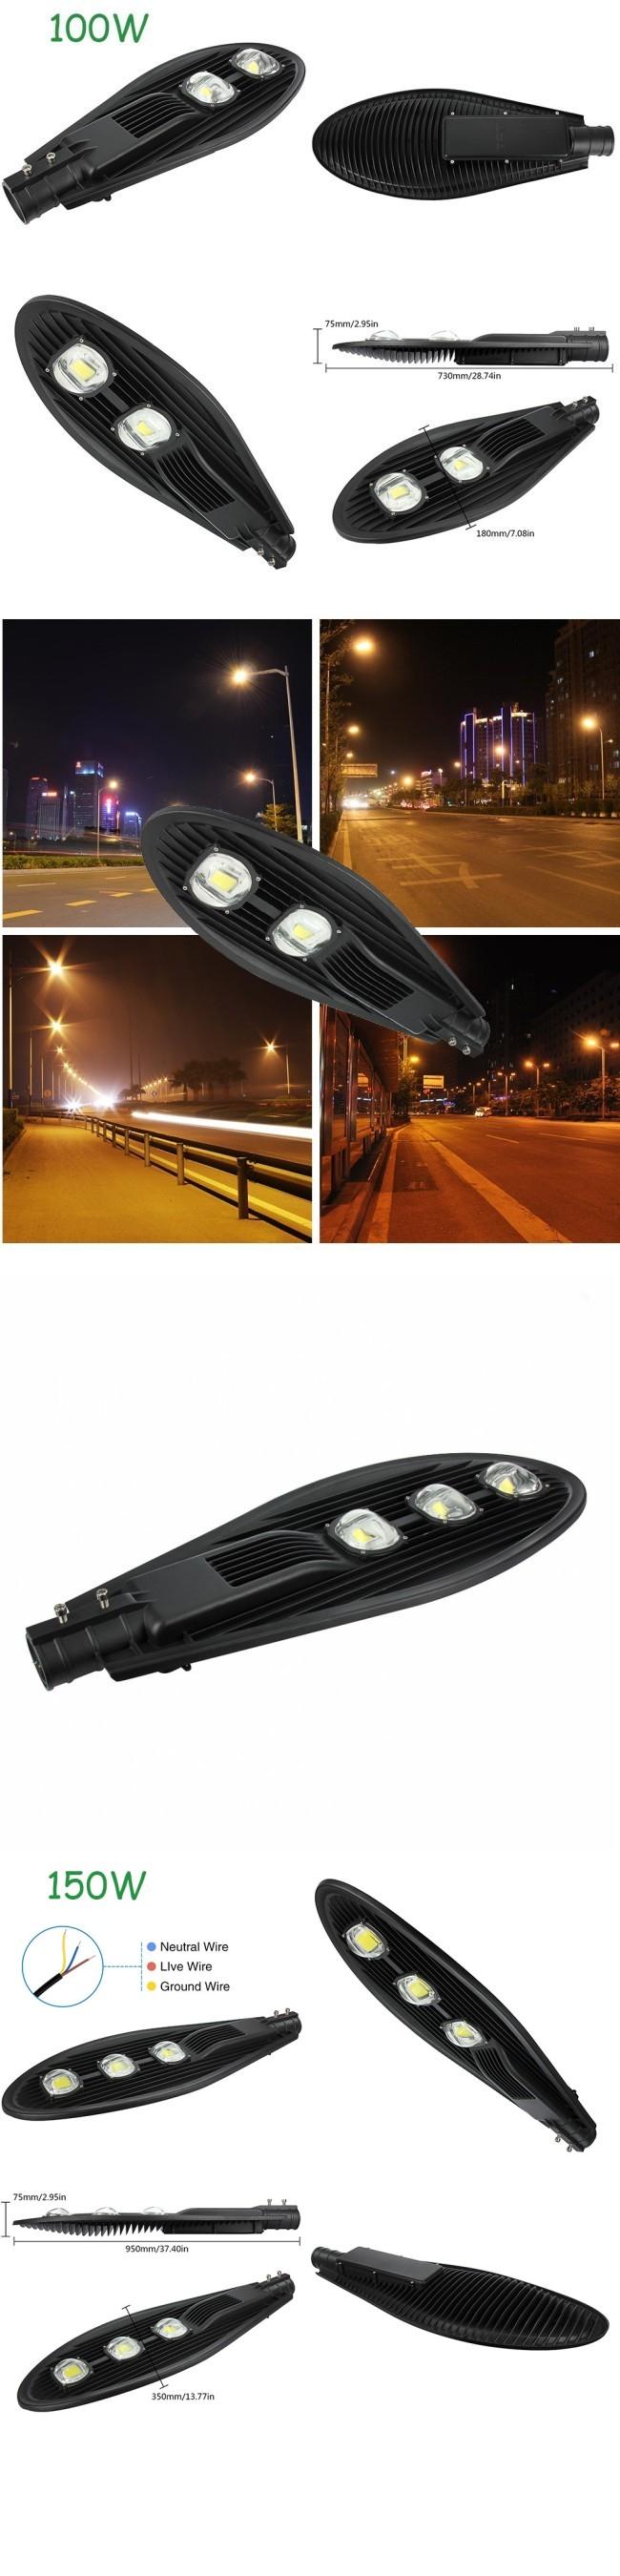 20W Small LED Street Light for Garden Garden LED Lighting